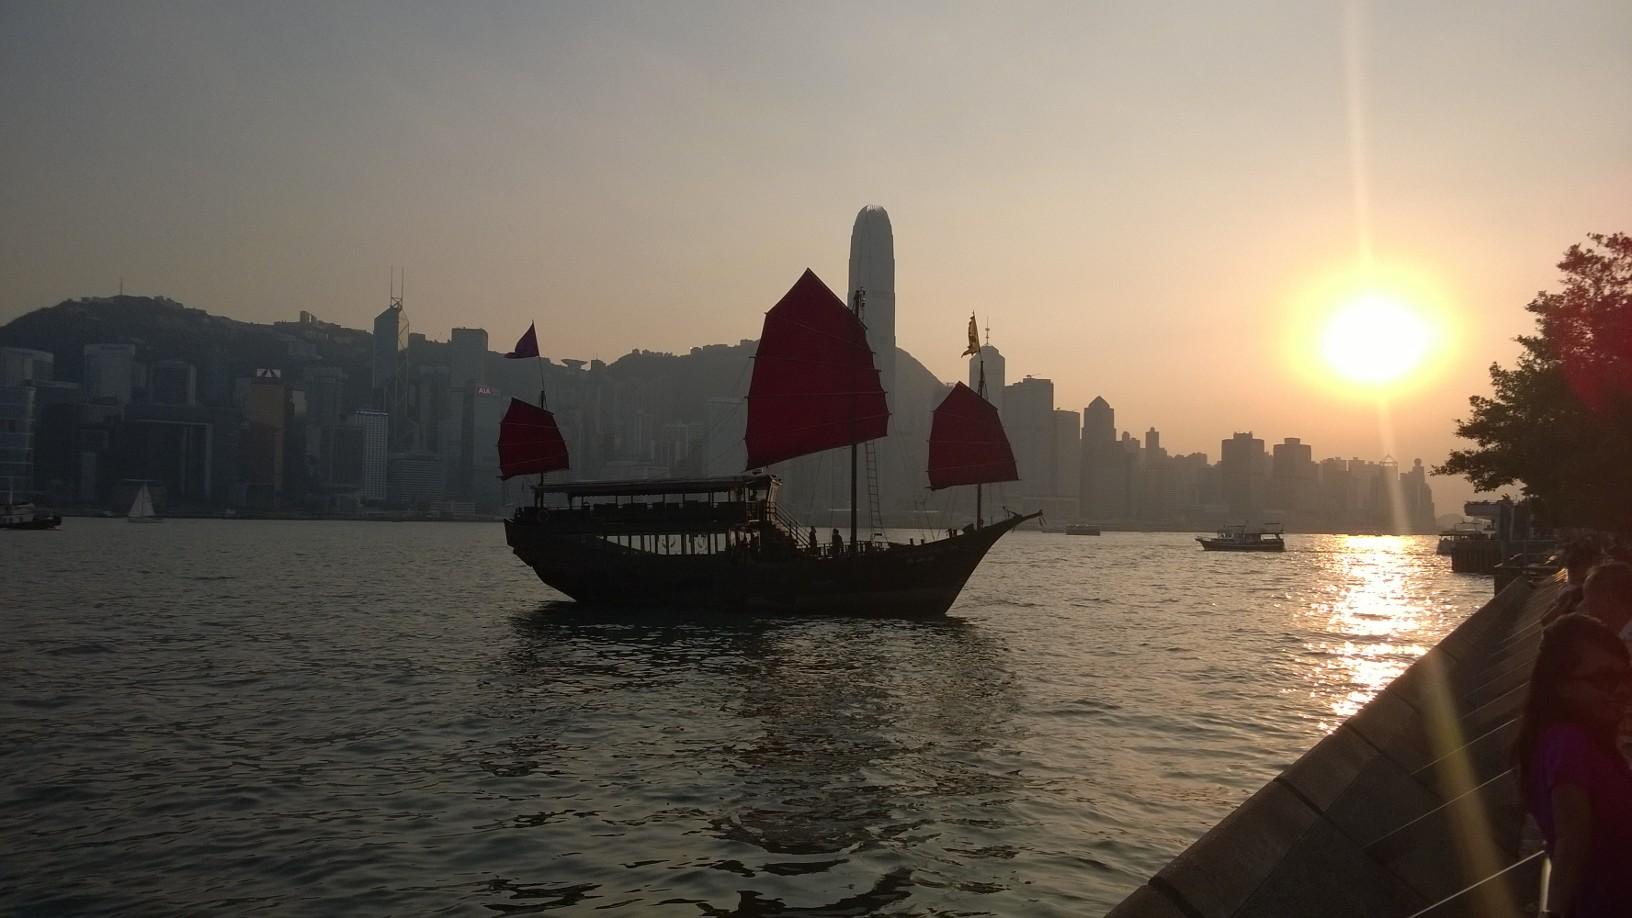 Hongkongin talous rakentui vapaasataman ympärille. Punapurjeinen dsonkki on sataman symboli. Kuva: Jari Sinkari.